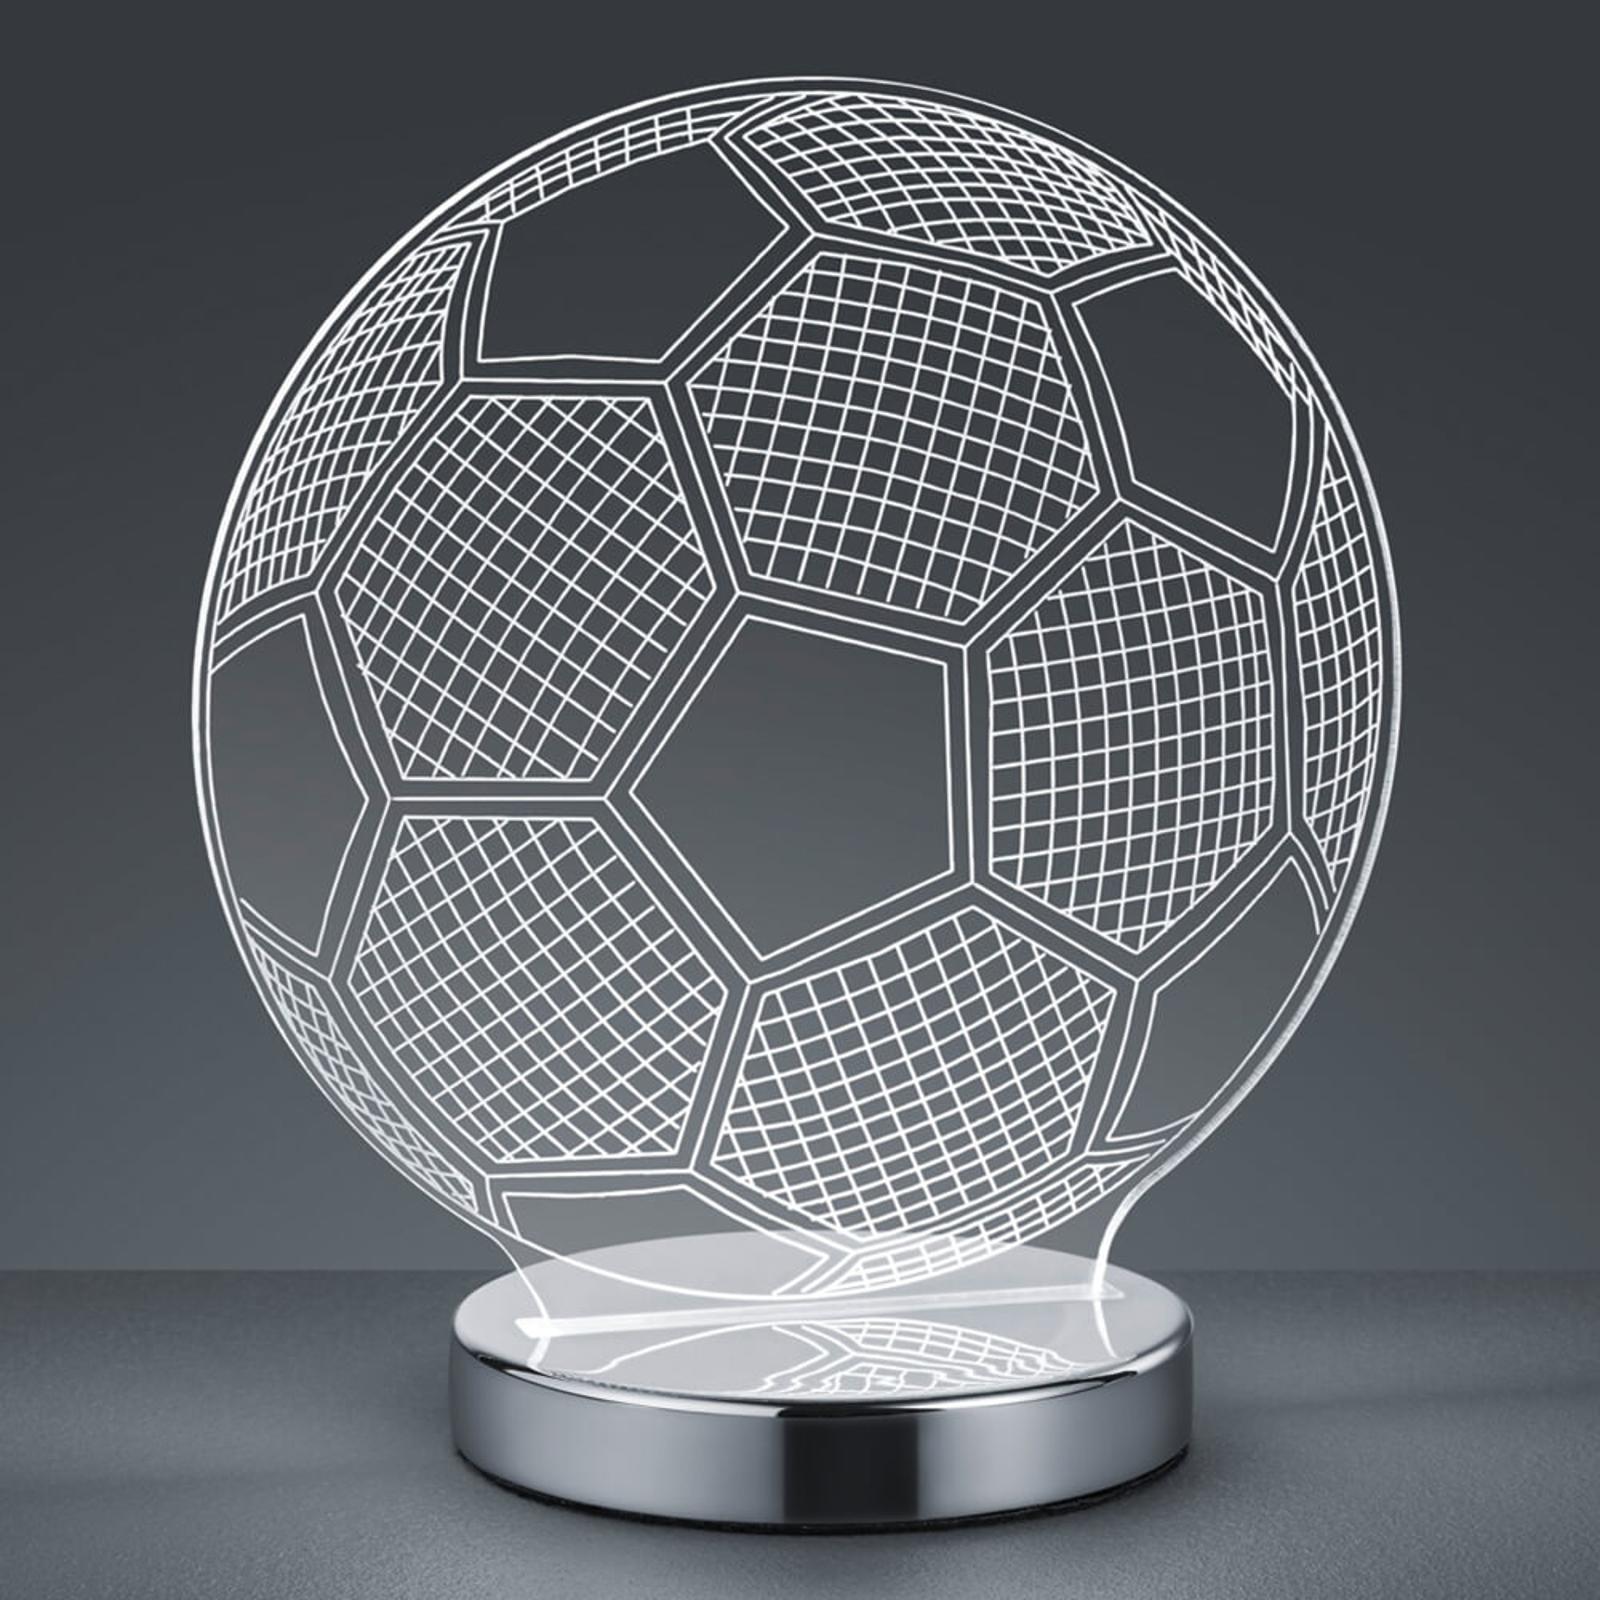 3D-hologrammipöytälamppu Ball - valittava valoväri